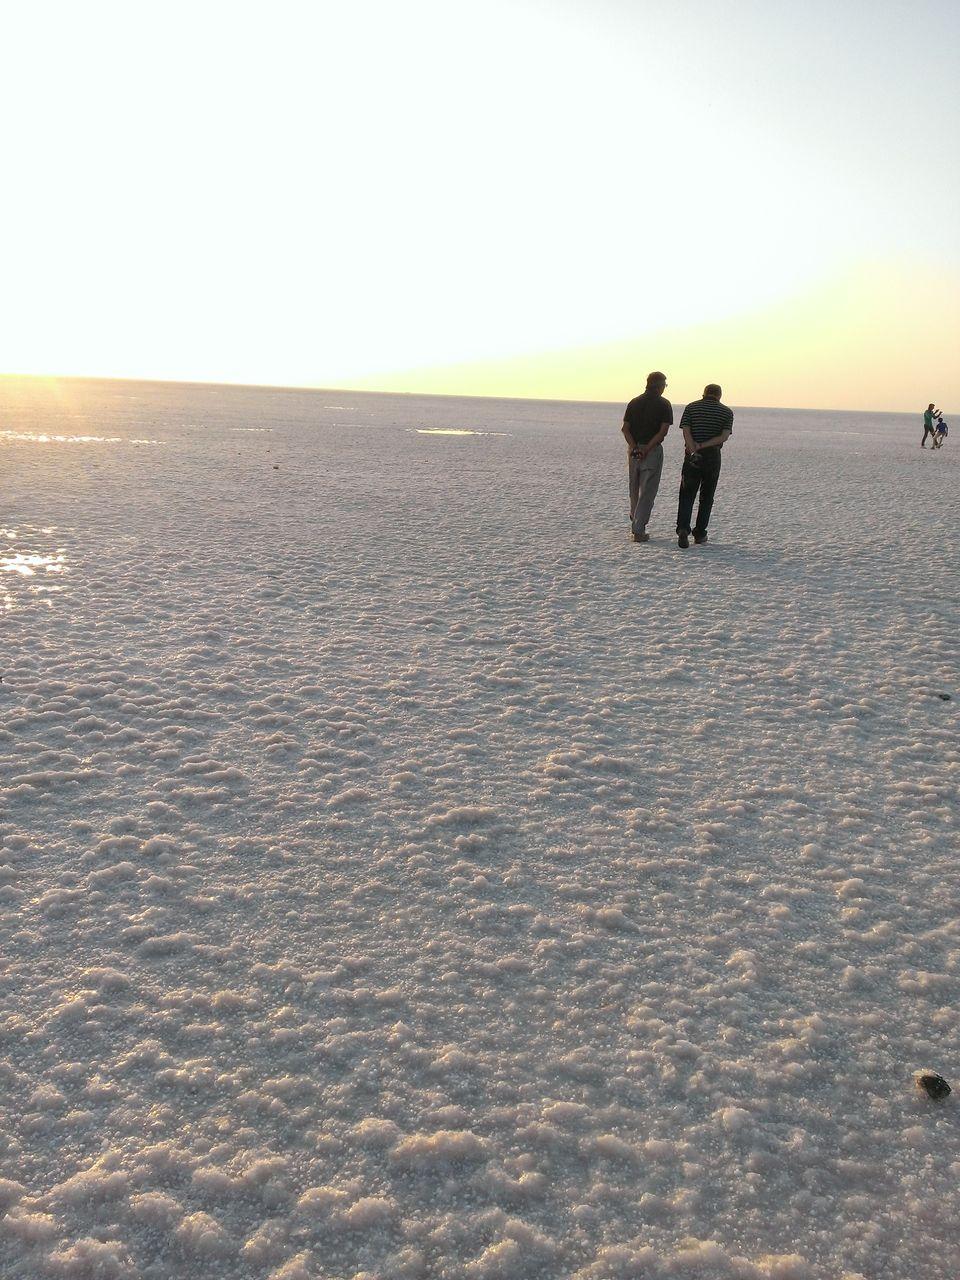 Photos of At the white salt desert ..banjara style 1/1 by Soma Majumdar